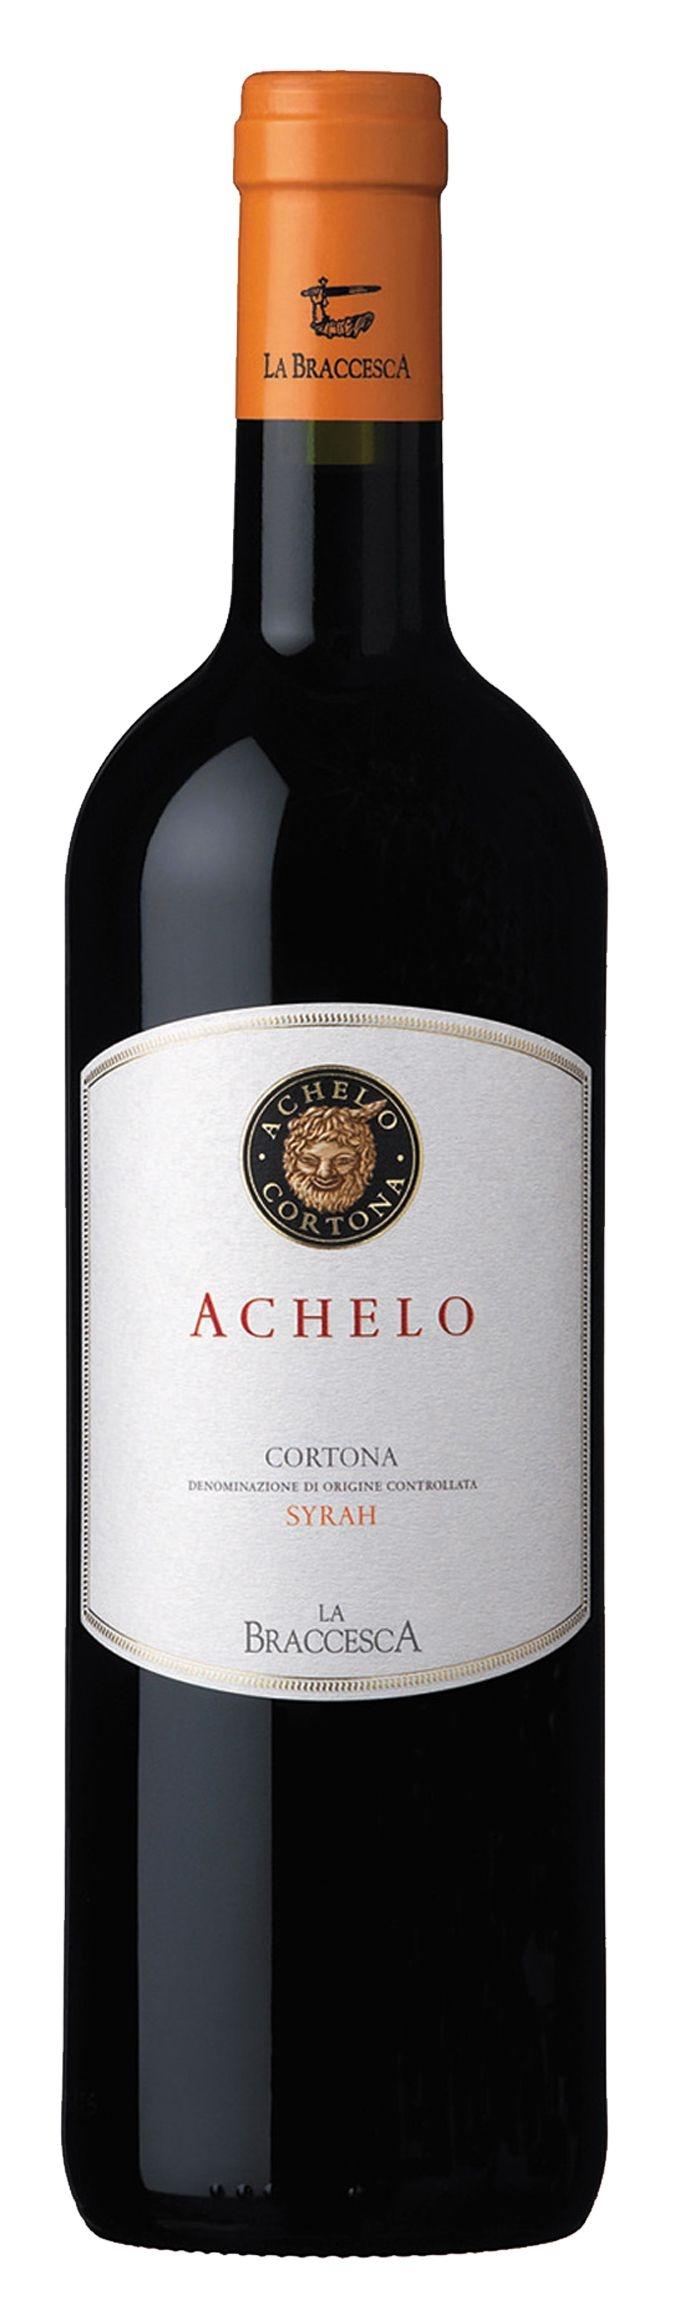 Antinori Achelo - Rượu vang Ý nhập khẩu